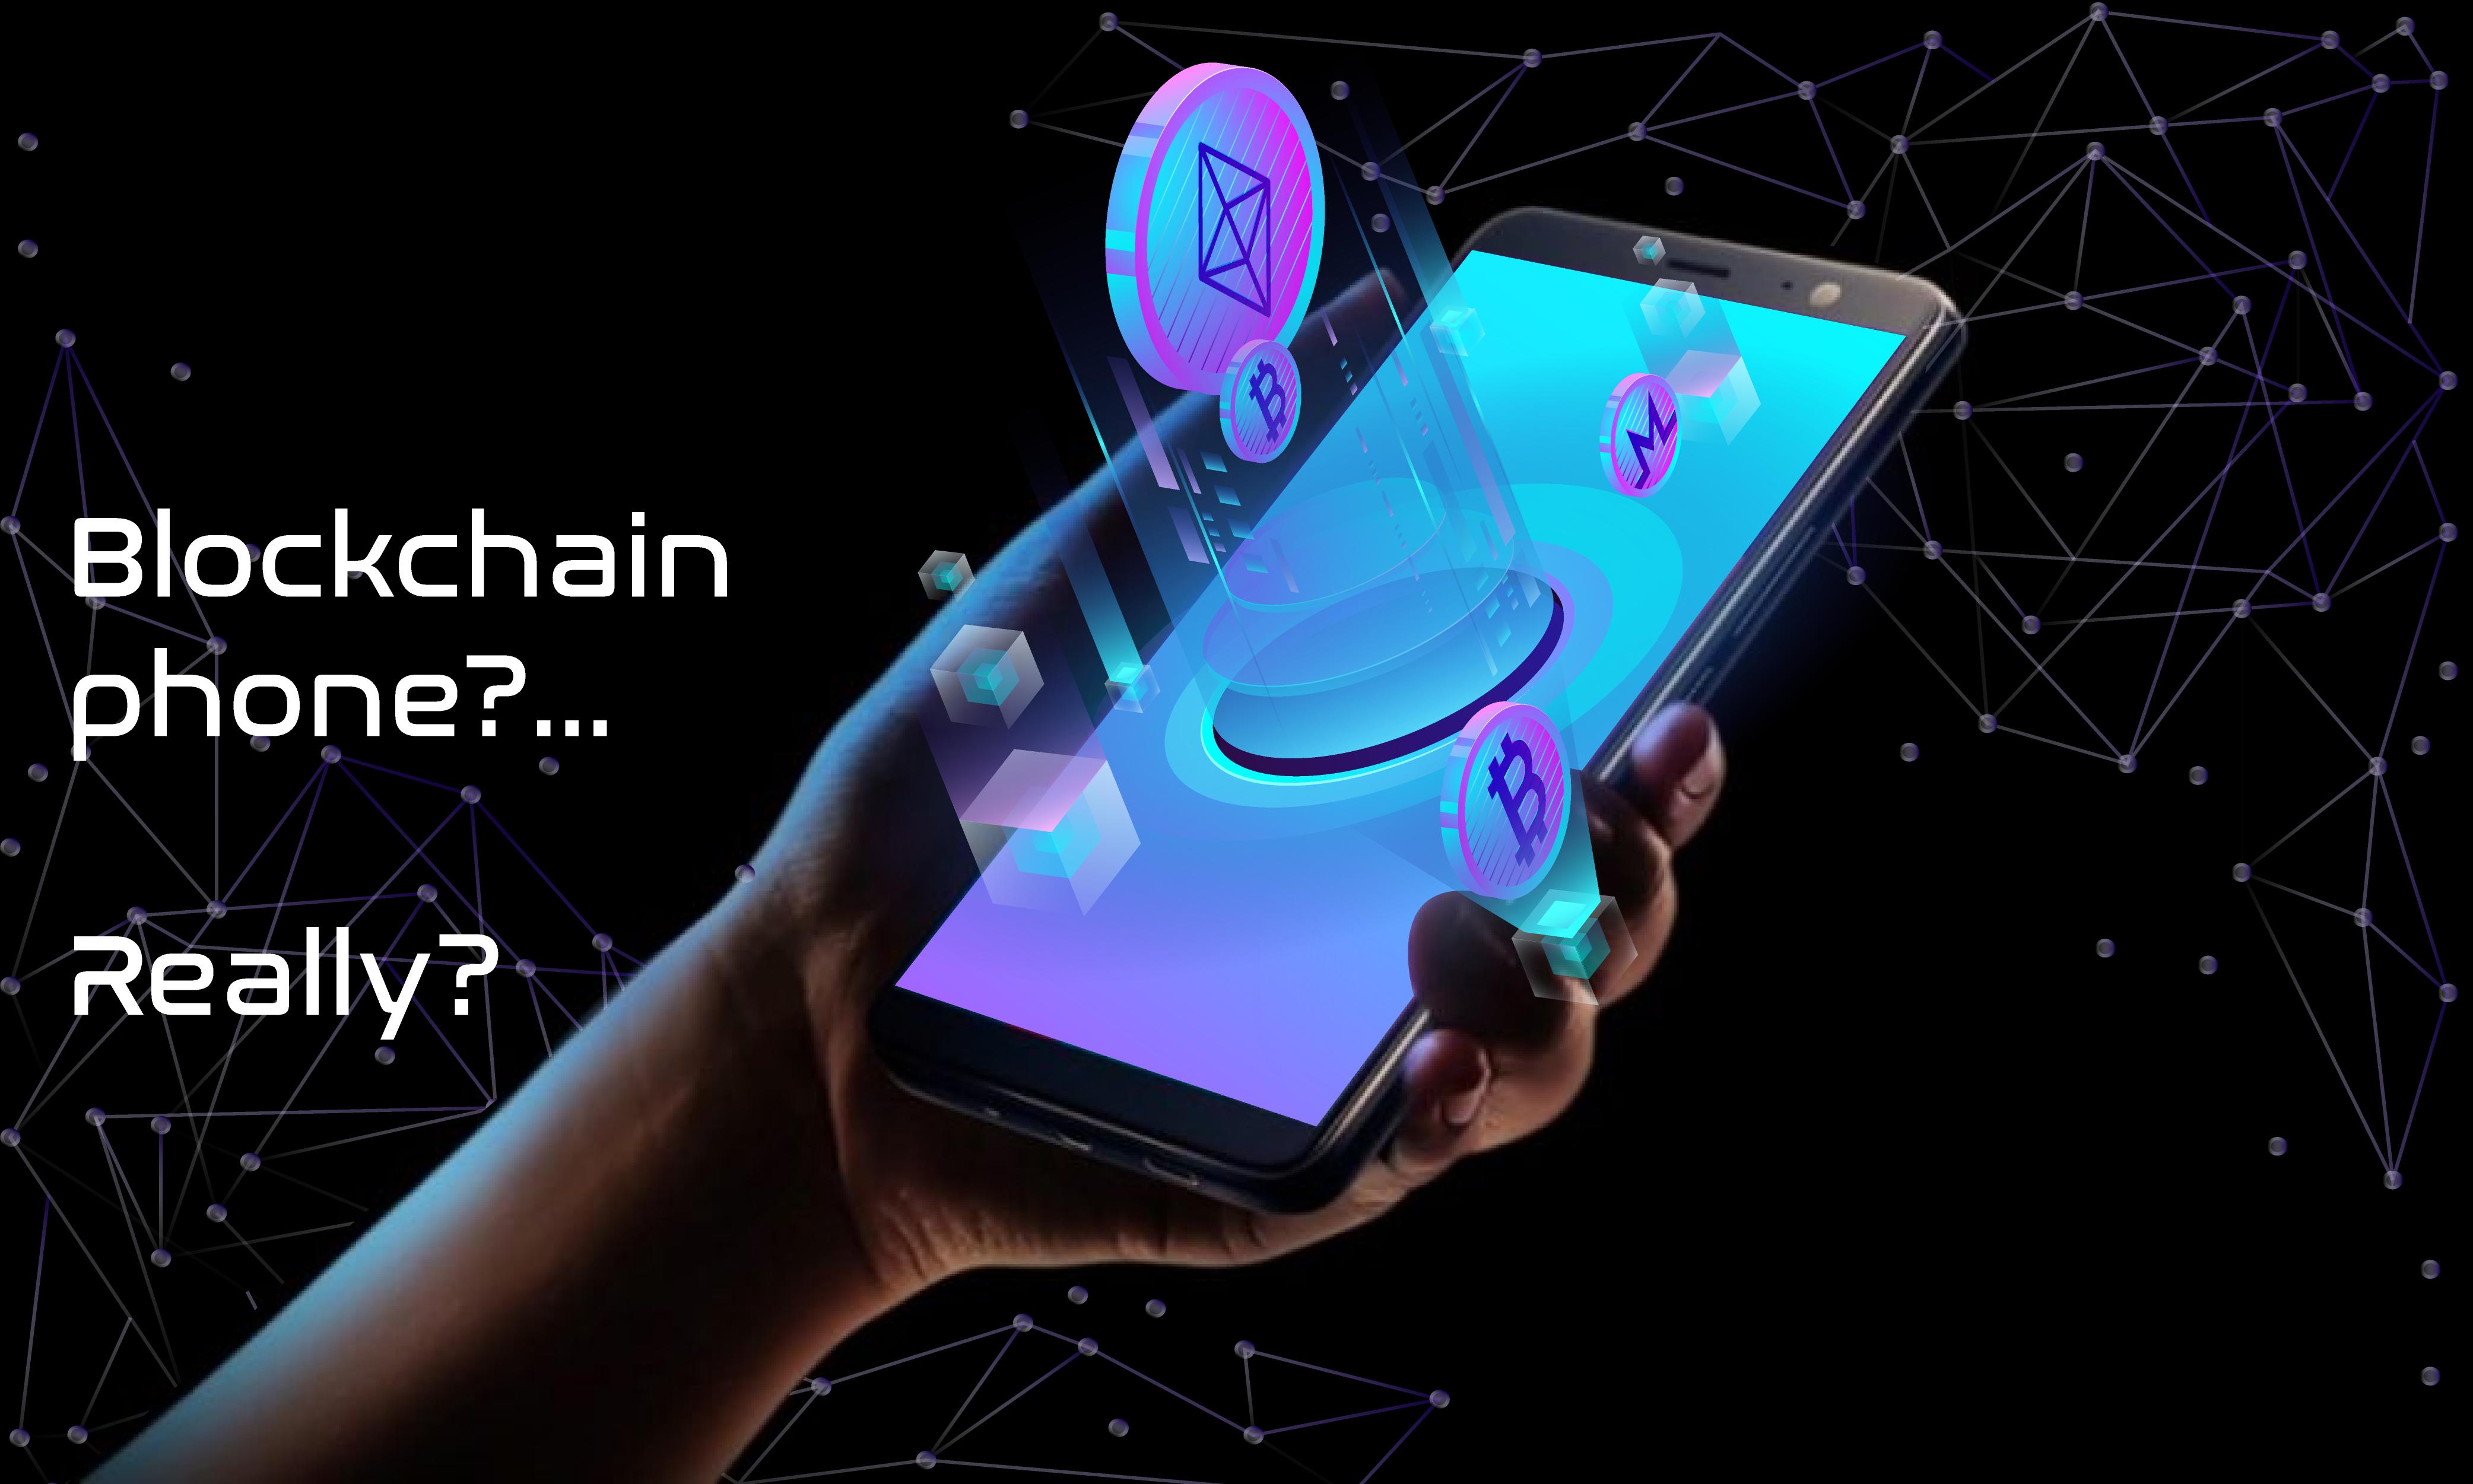 A Blockchain Phone?